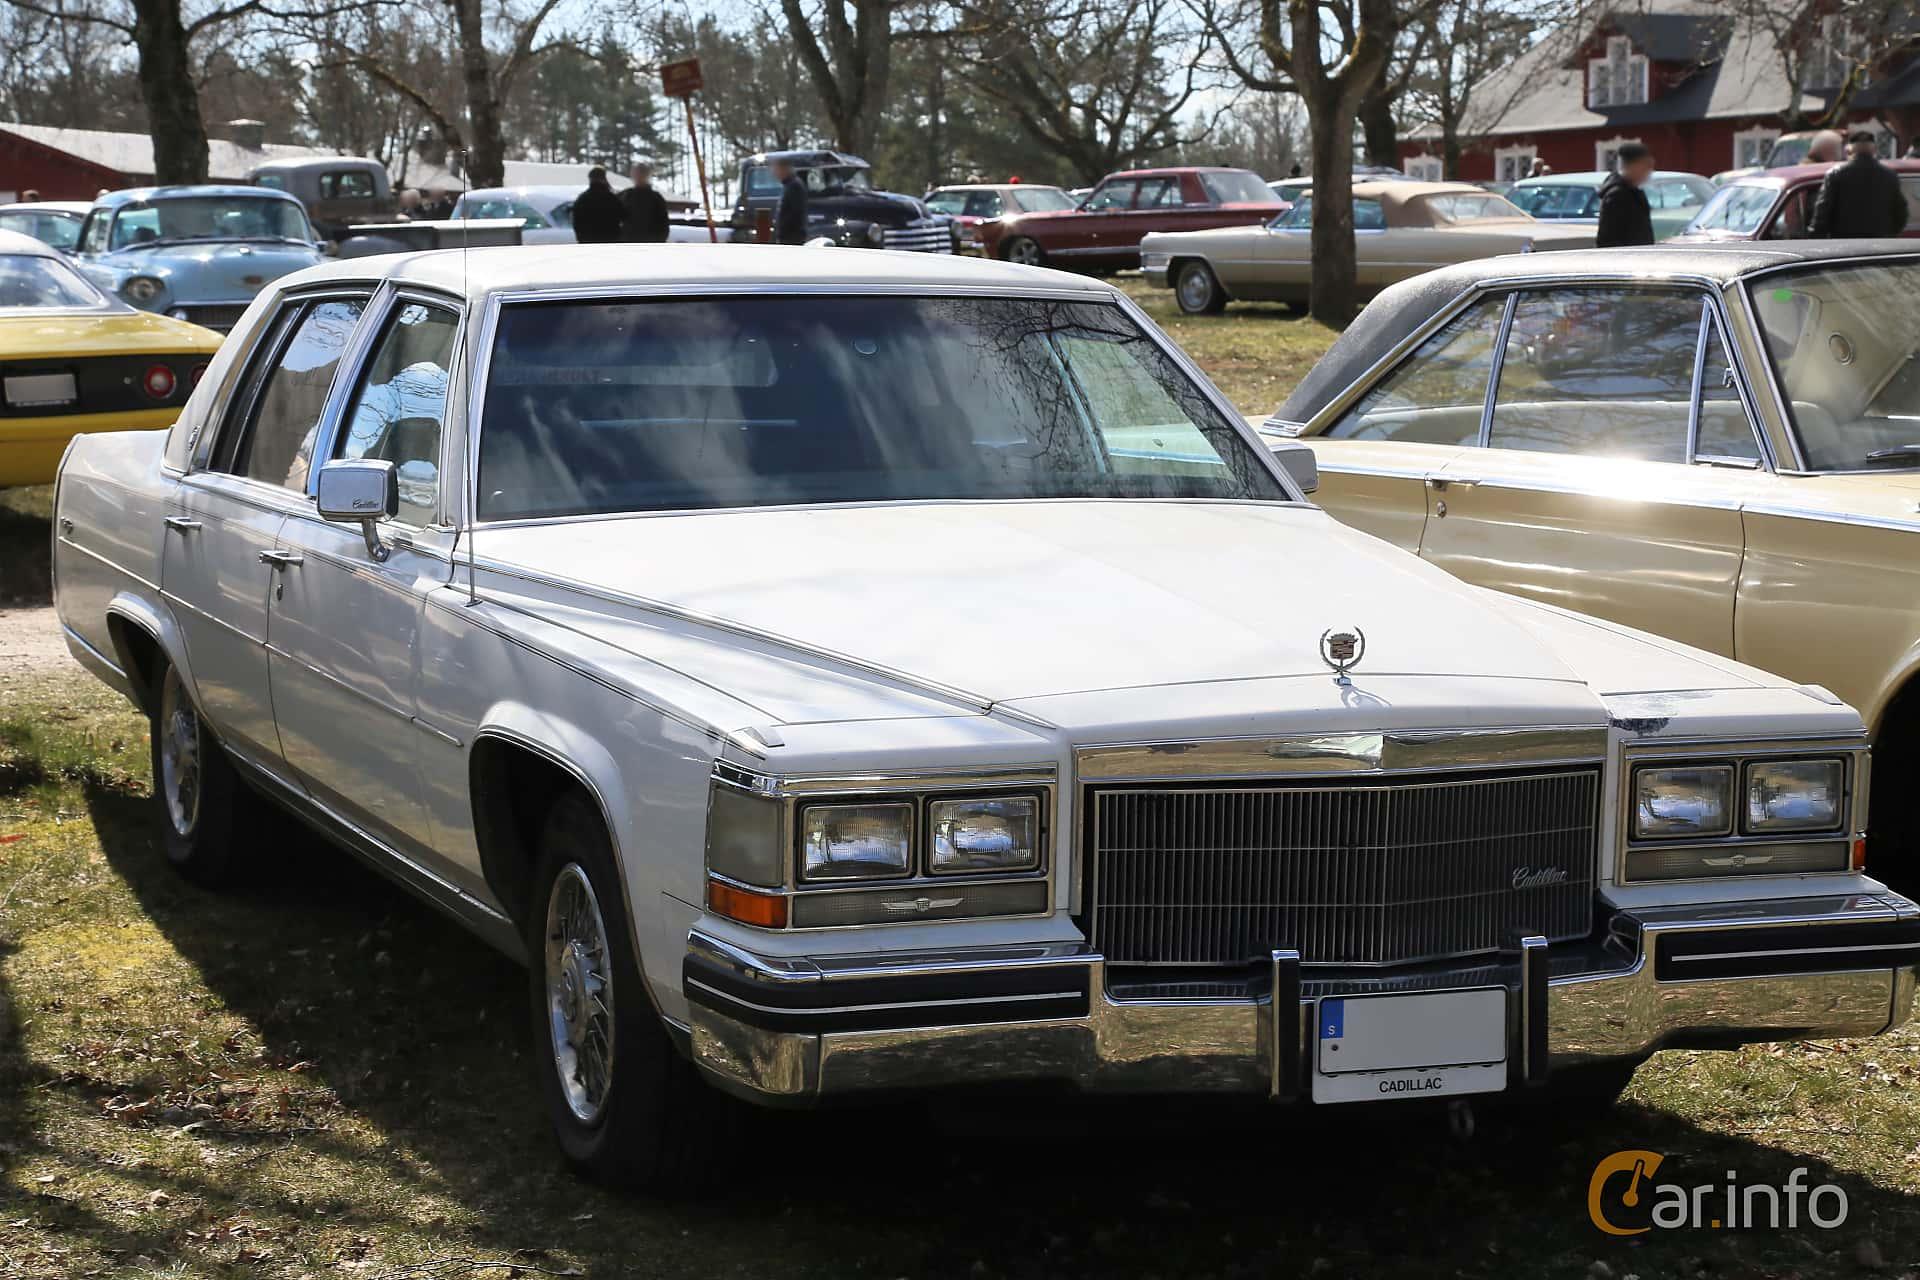 Cadillac Fleetwood Brougham Sedan 4.1 V8 Automatic, 137hp, 1984 at Uddevalla Veteranbilsmarknad Backamo, Ljungsk 2019